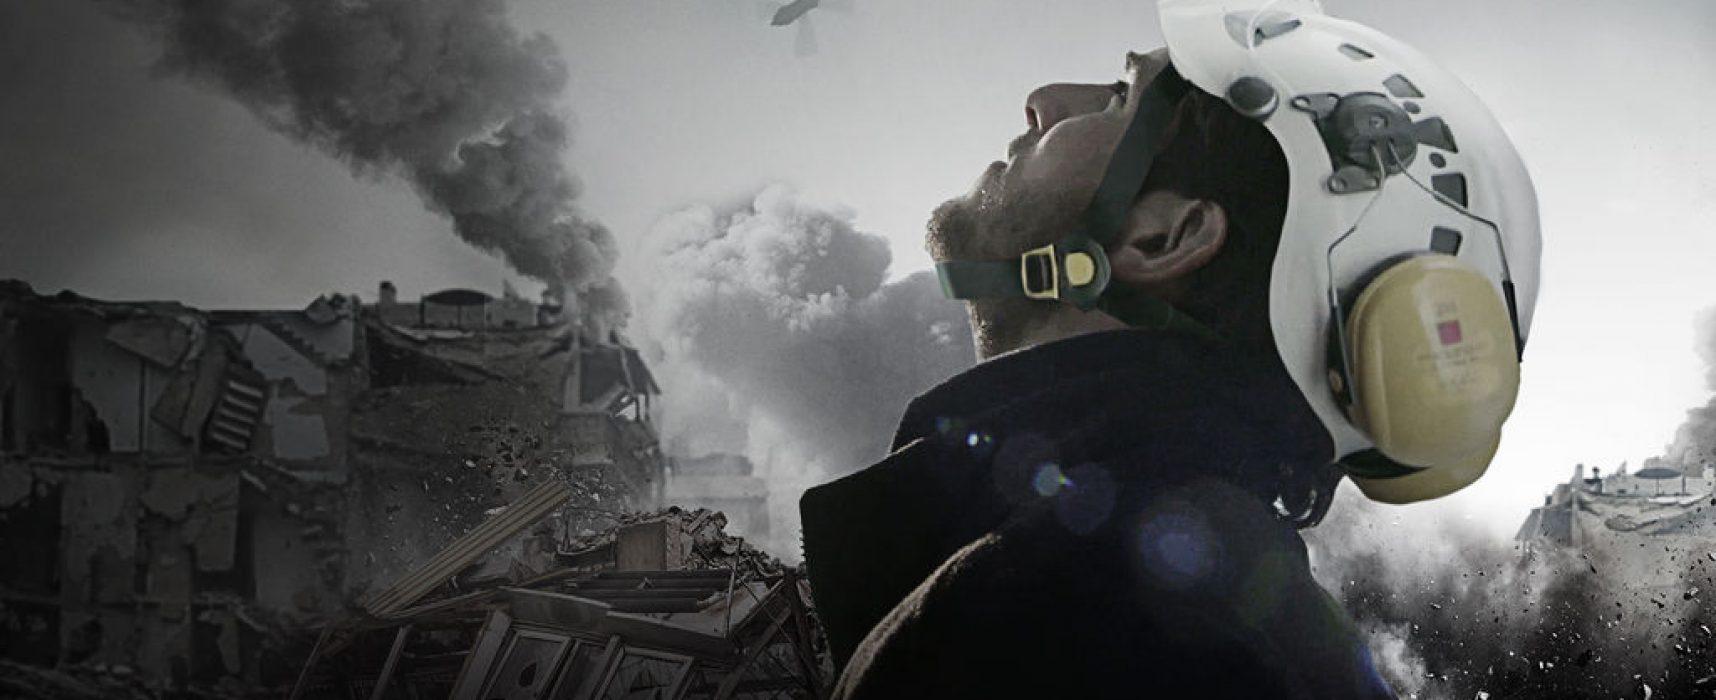 Фейк «Вестей»: Доклад британских политиков о Сирии разоблачает «Белые каски»